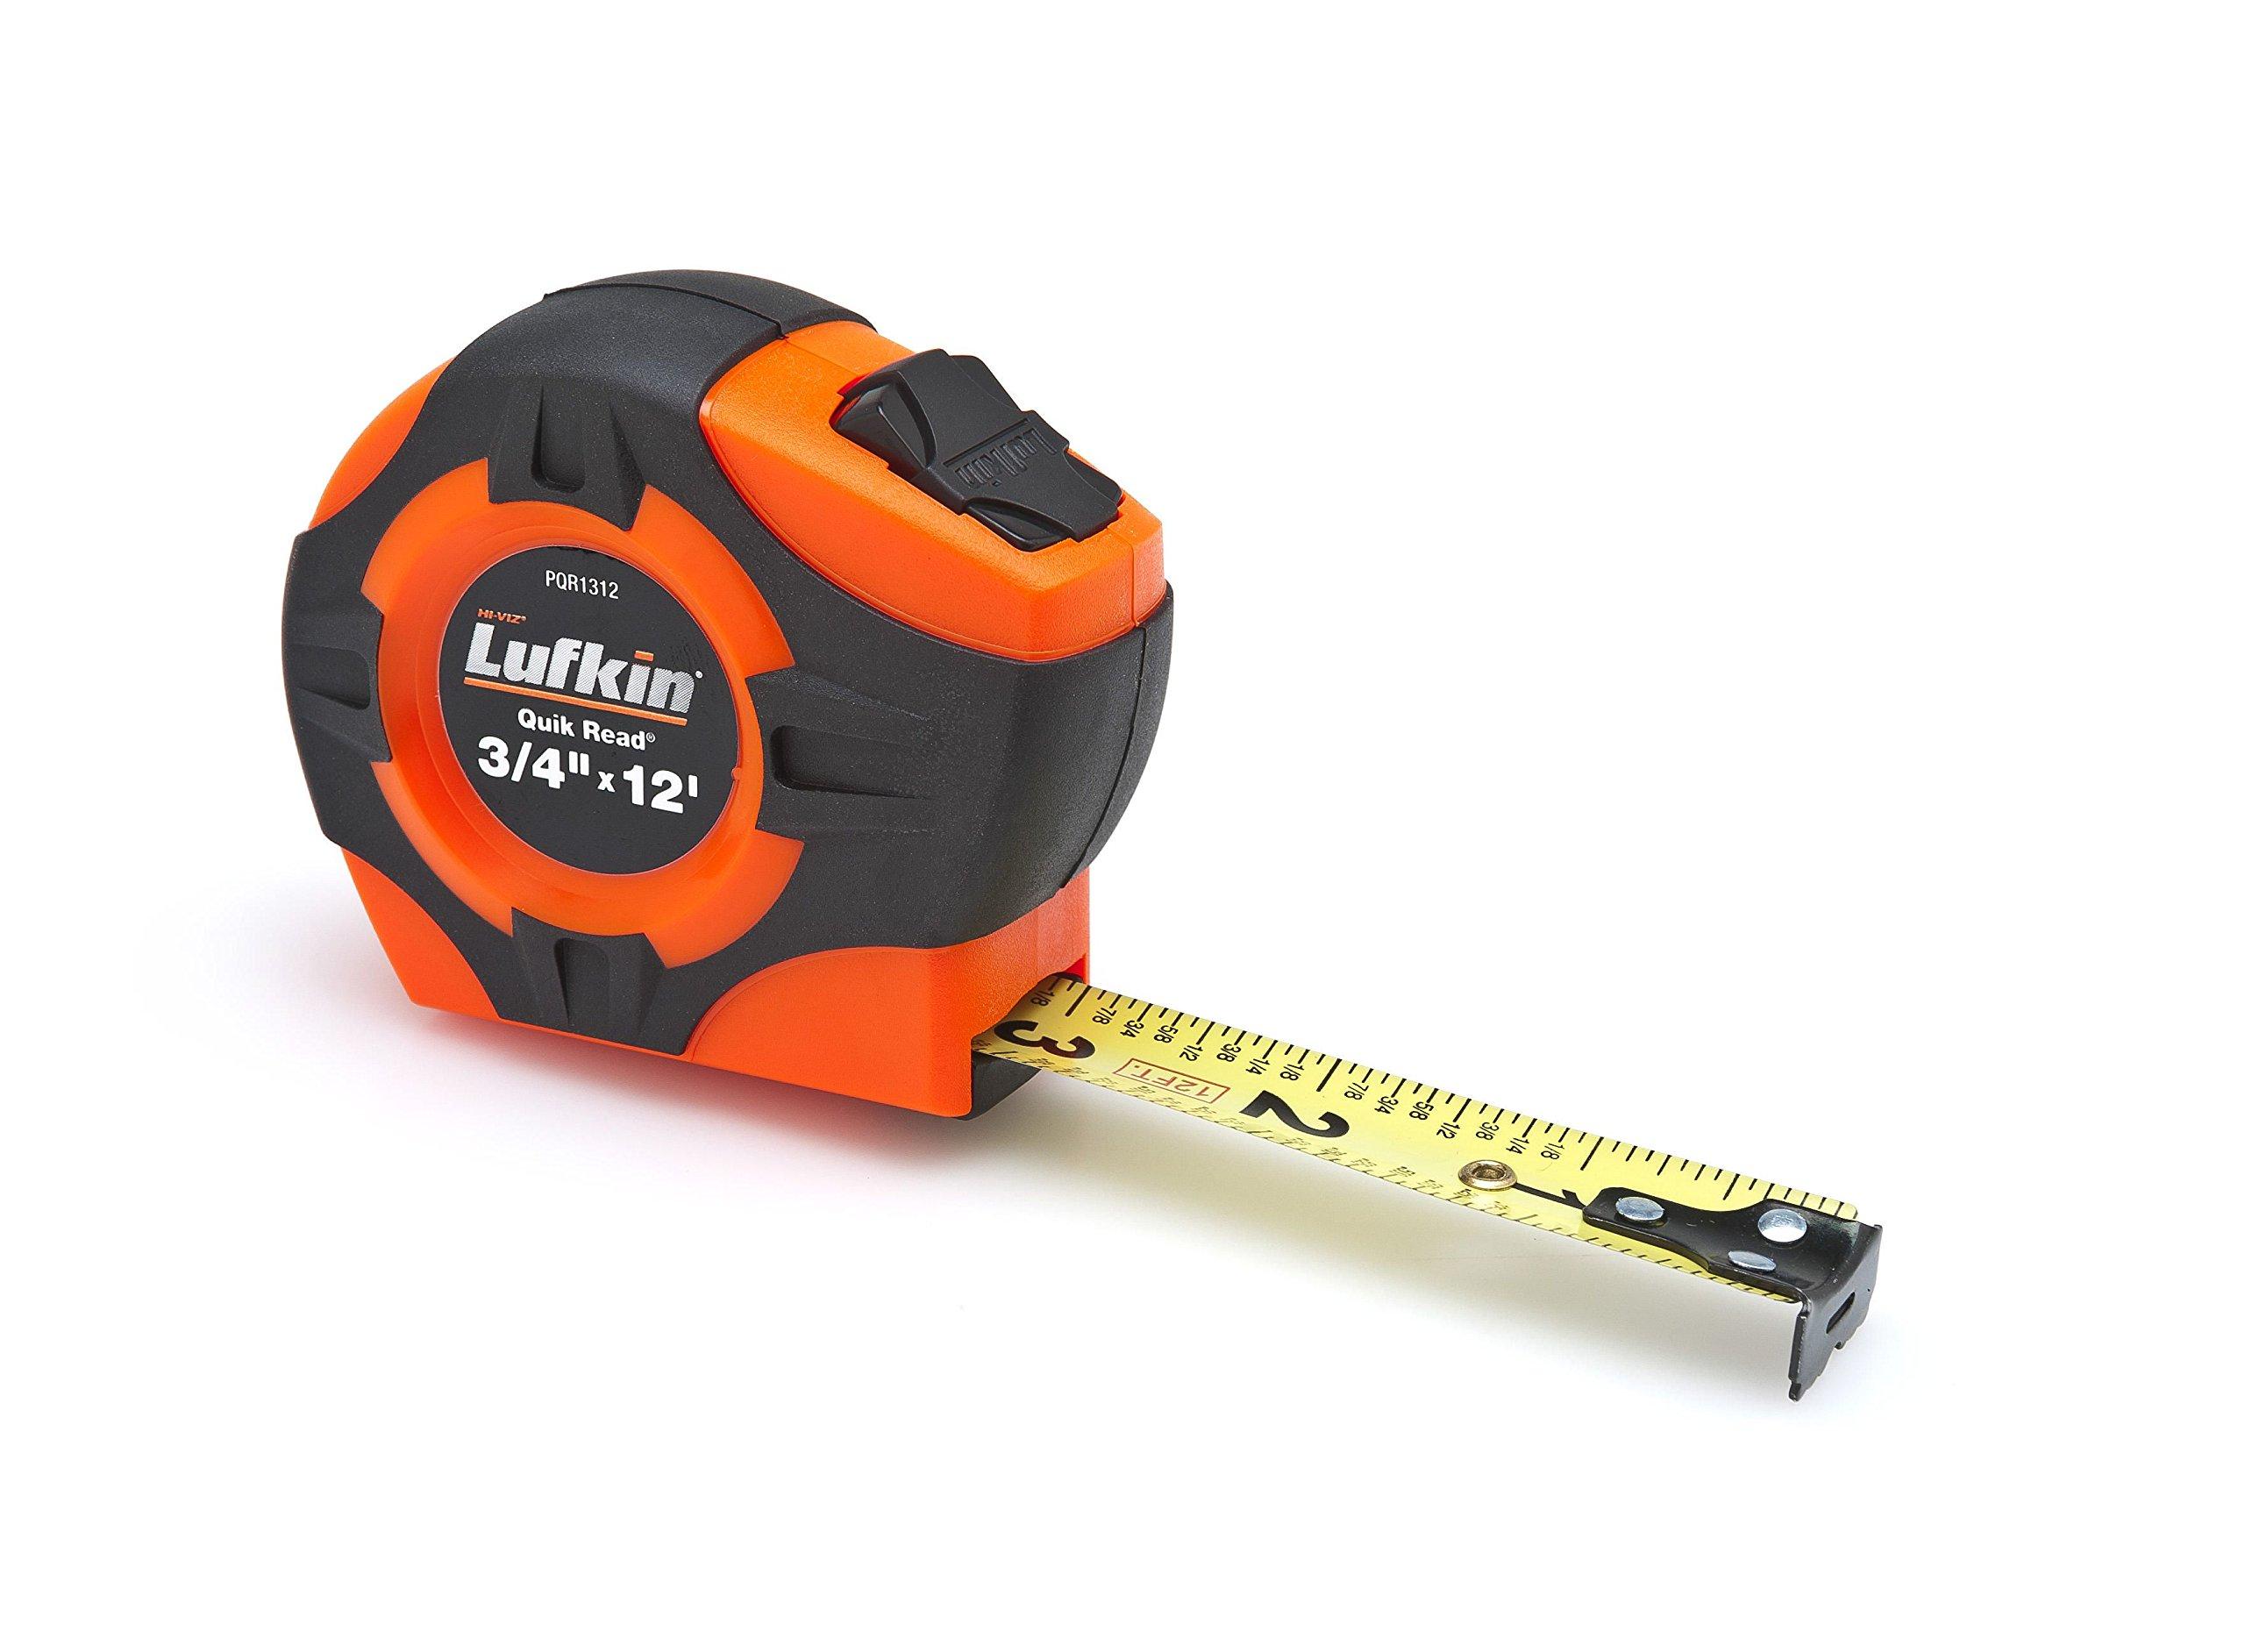 Lufkin PQR1312 Quickread Power Return Tape, 3/4-Inch by 12-Feet, Hi-Viz Orange